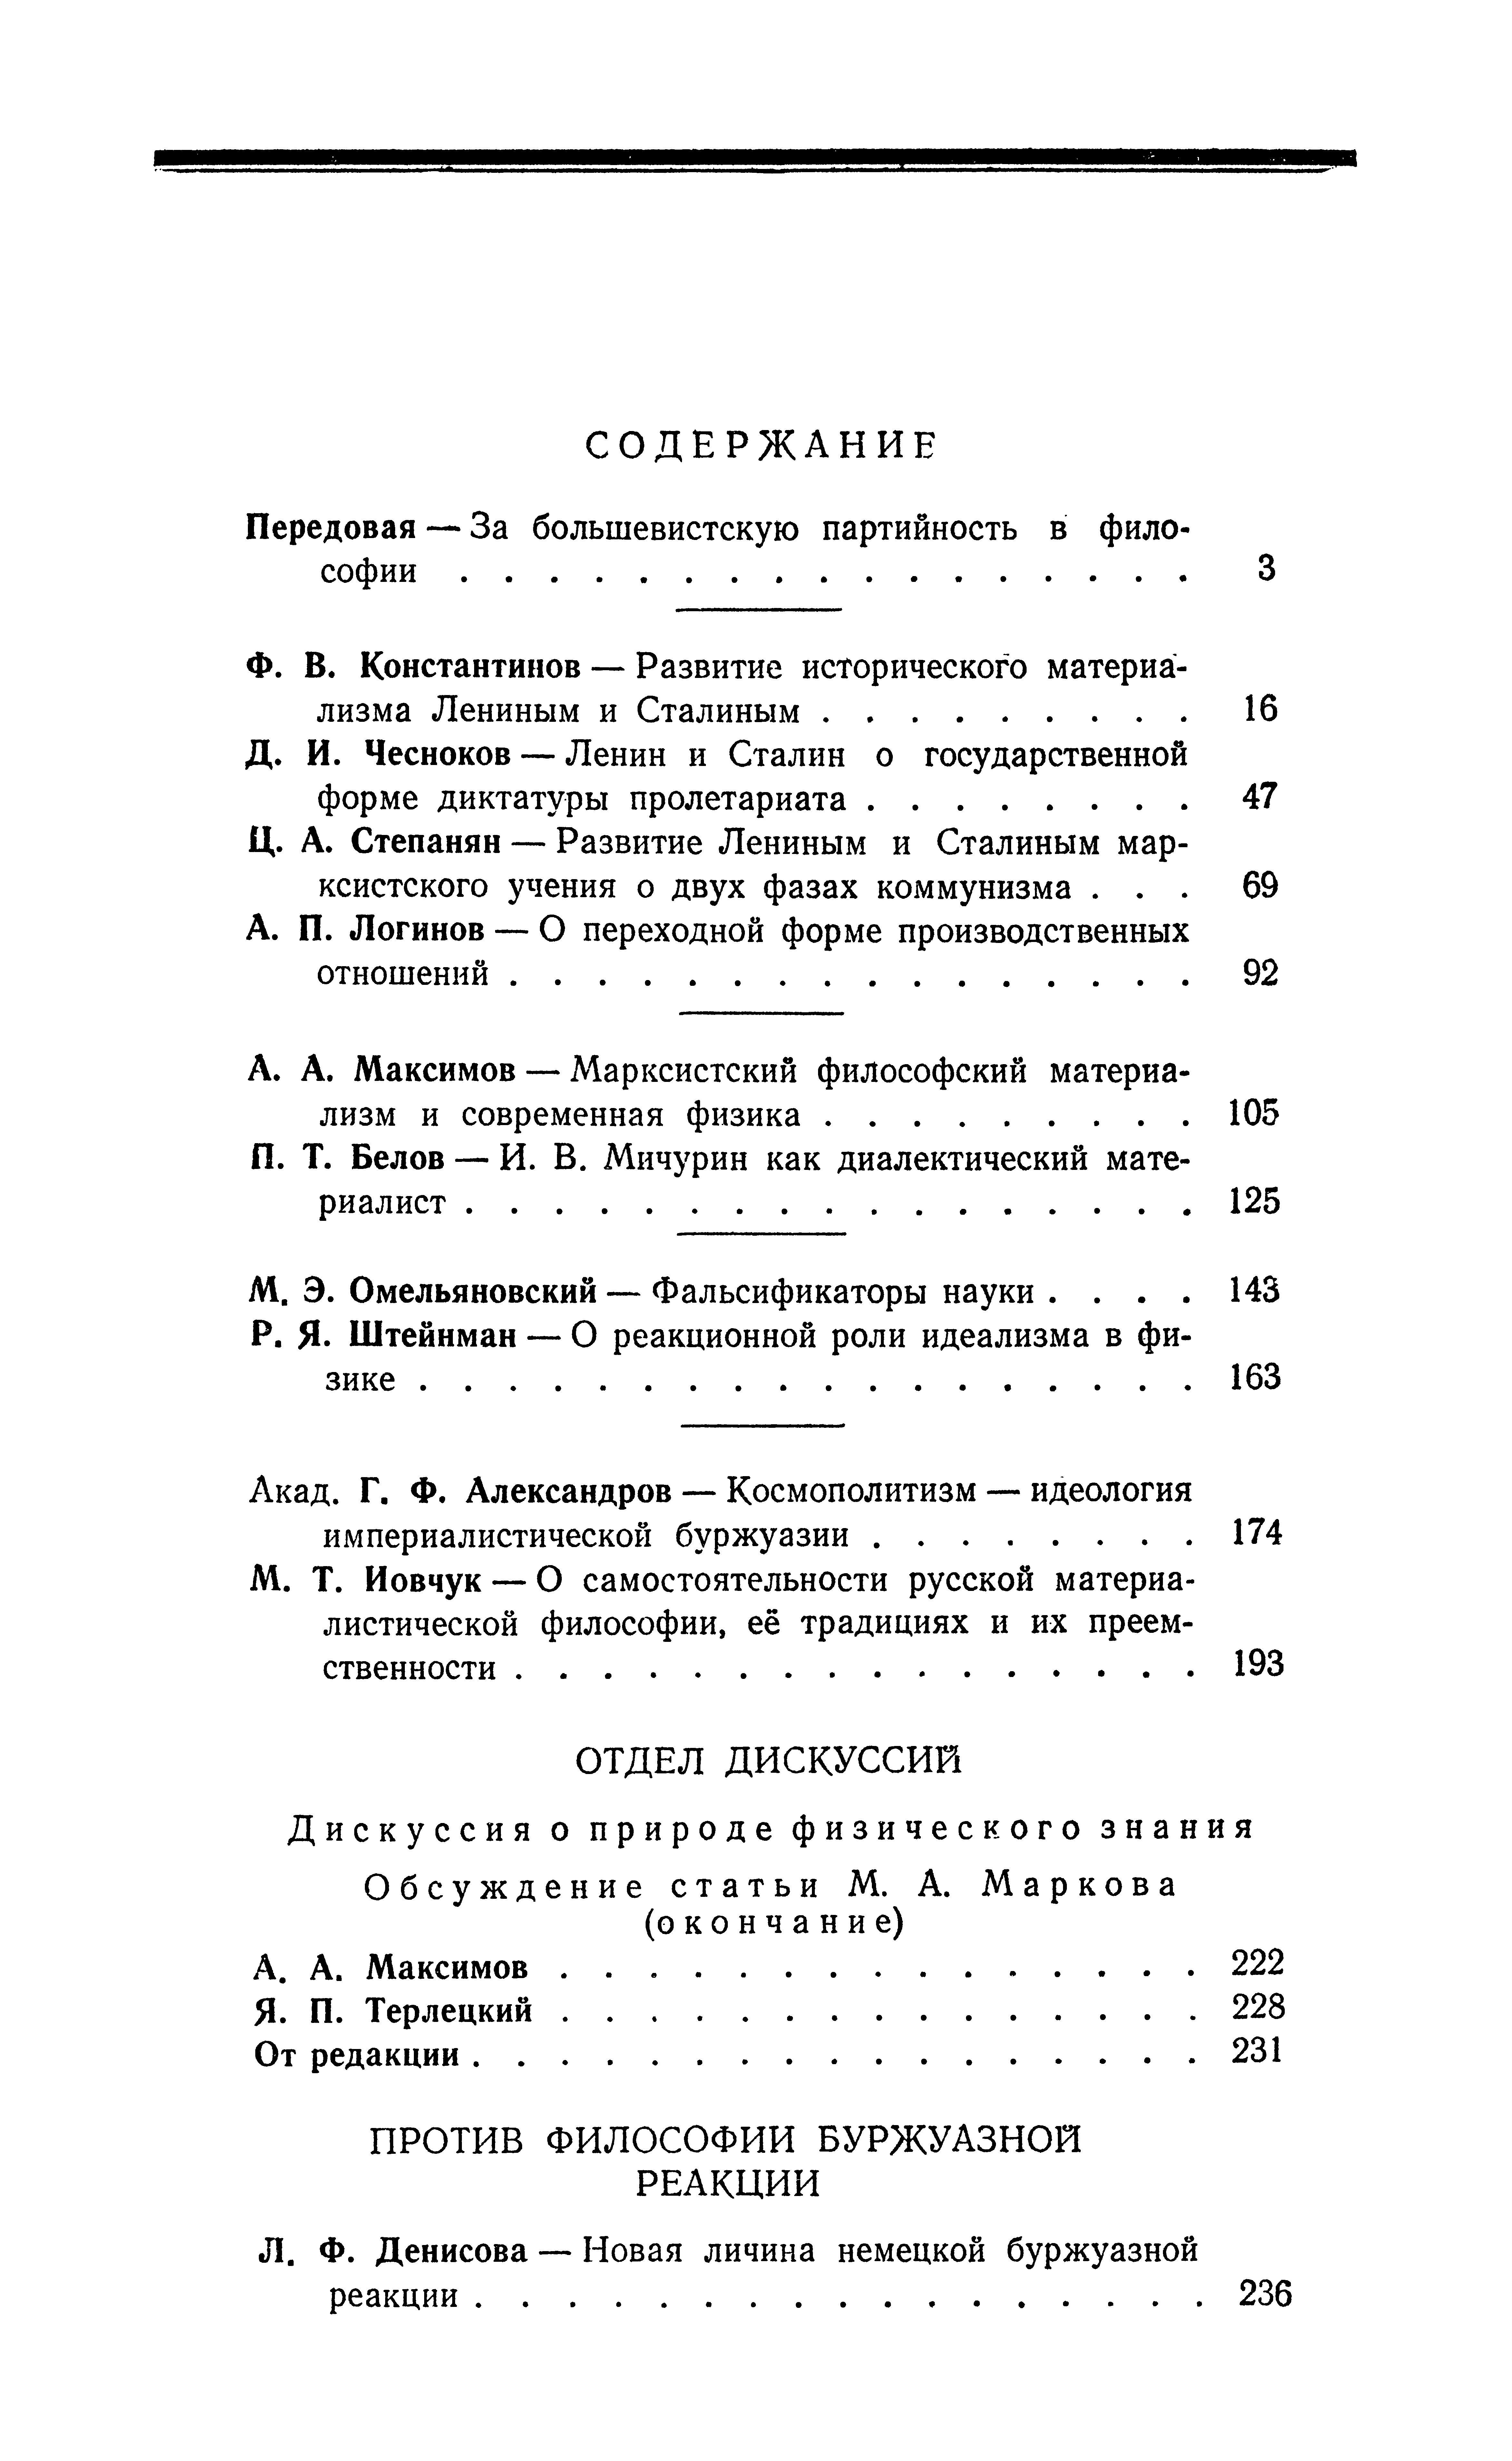 ВФ №3 - 1948_369